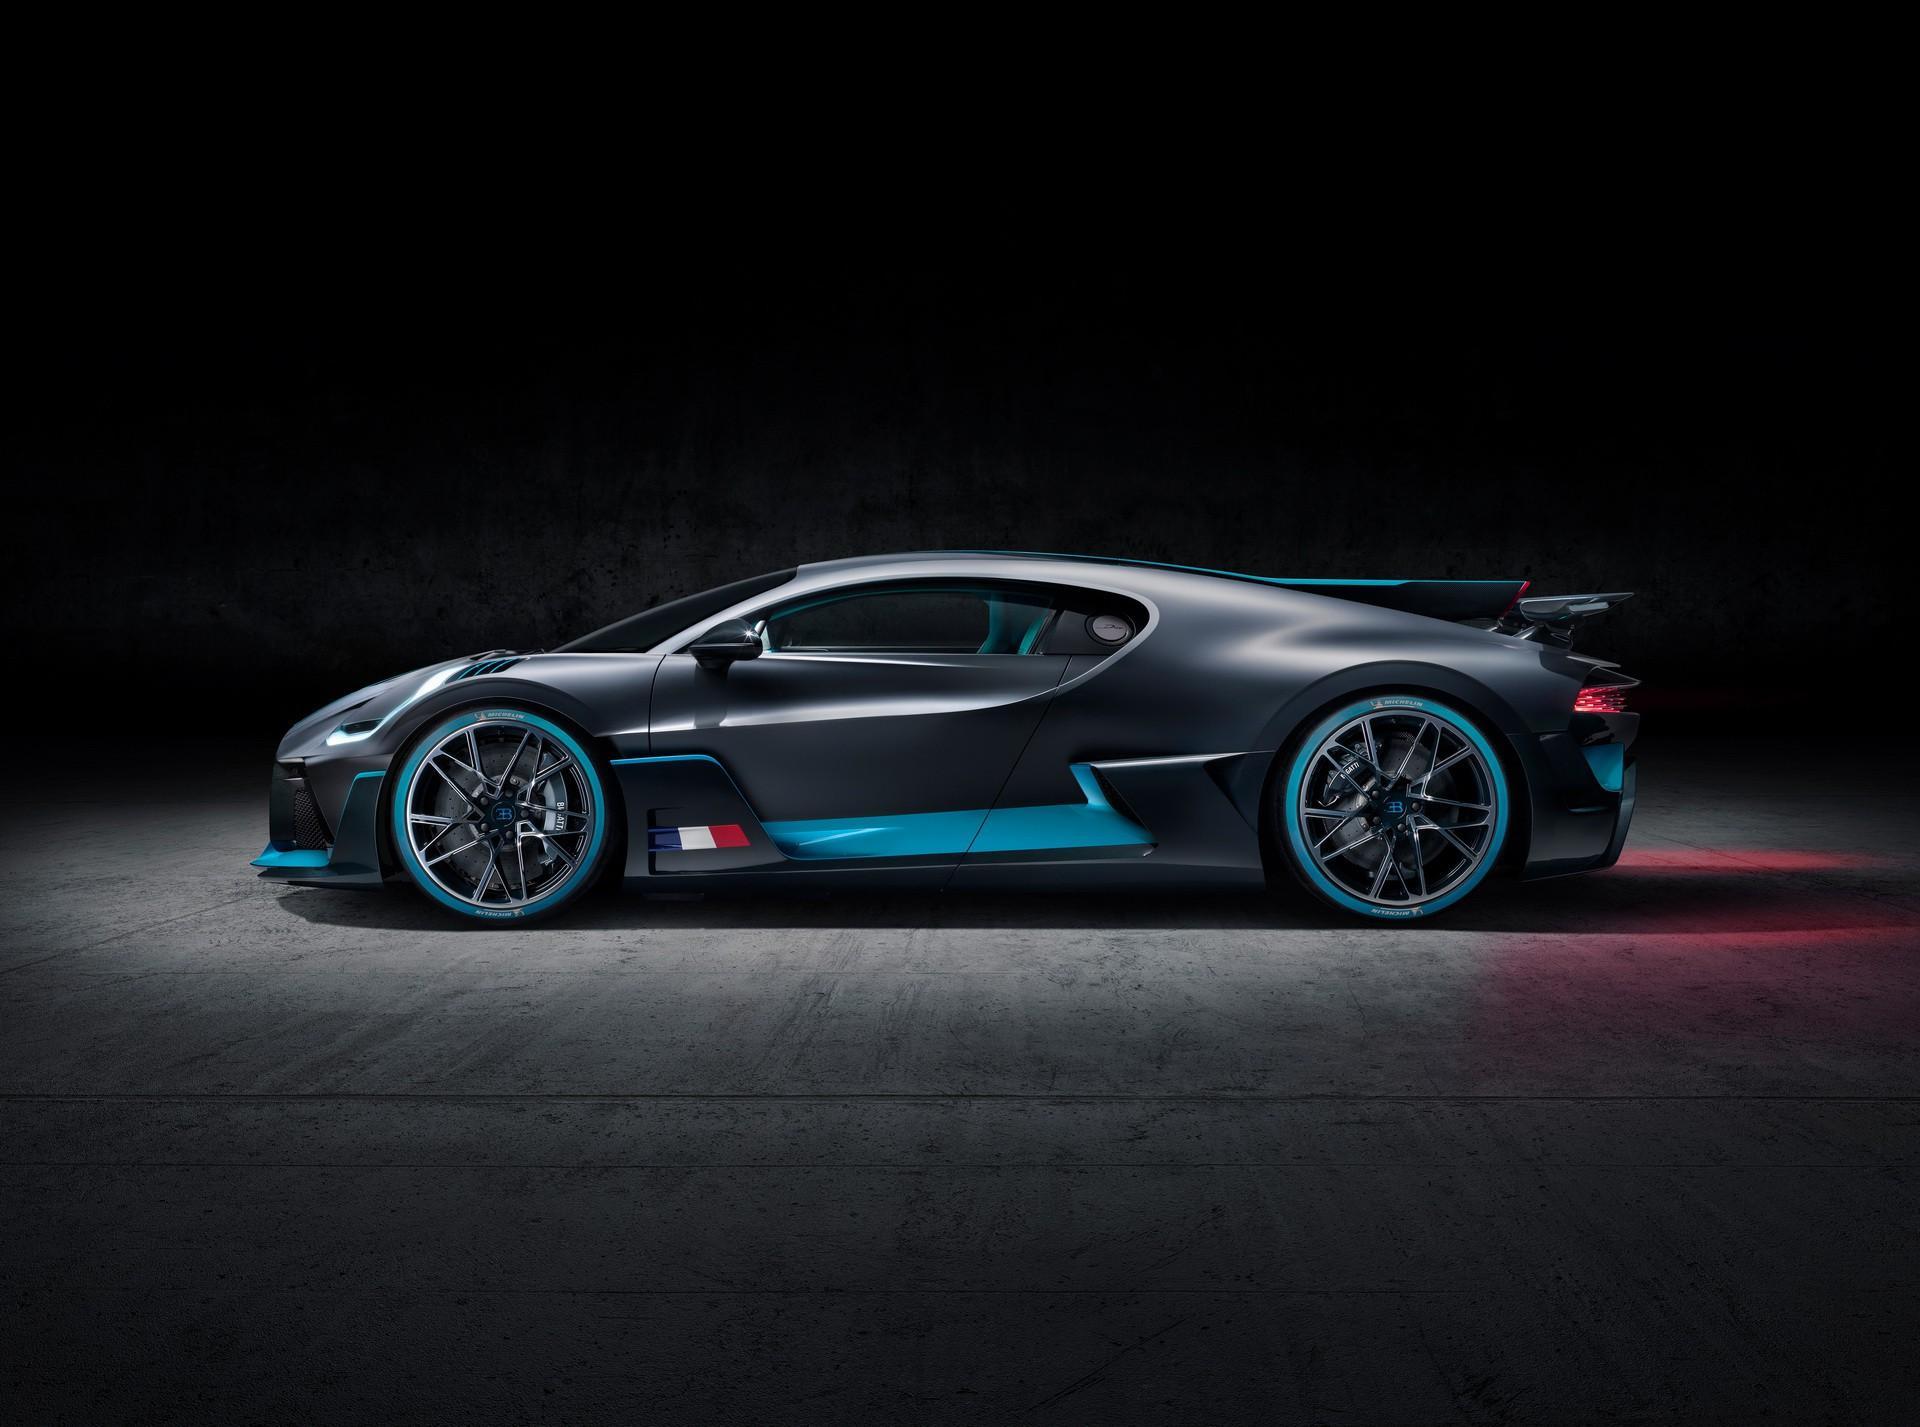 Mẫu Bugatti Divo đầu tiên sẽ được bán ra với mức giá hơn 5,4 triệu USD Ảnh 3